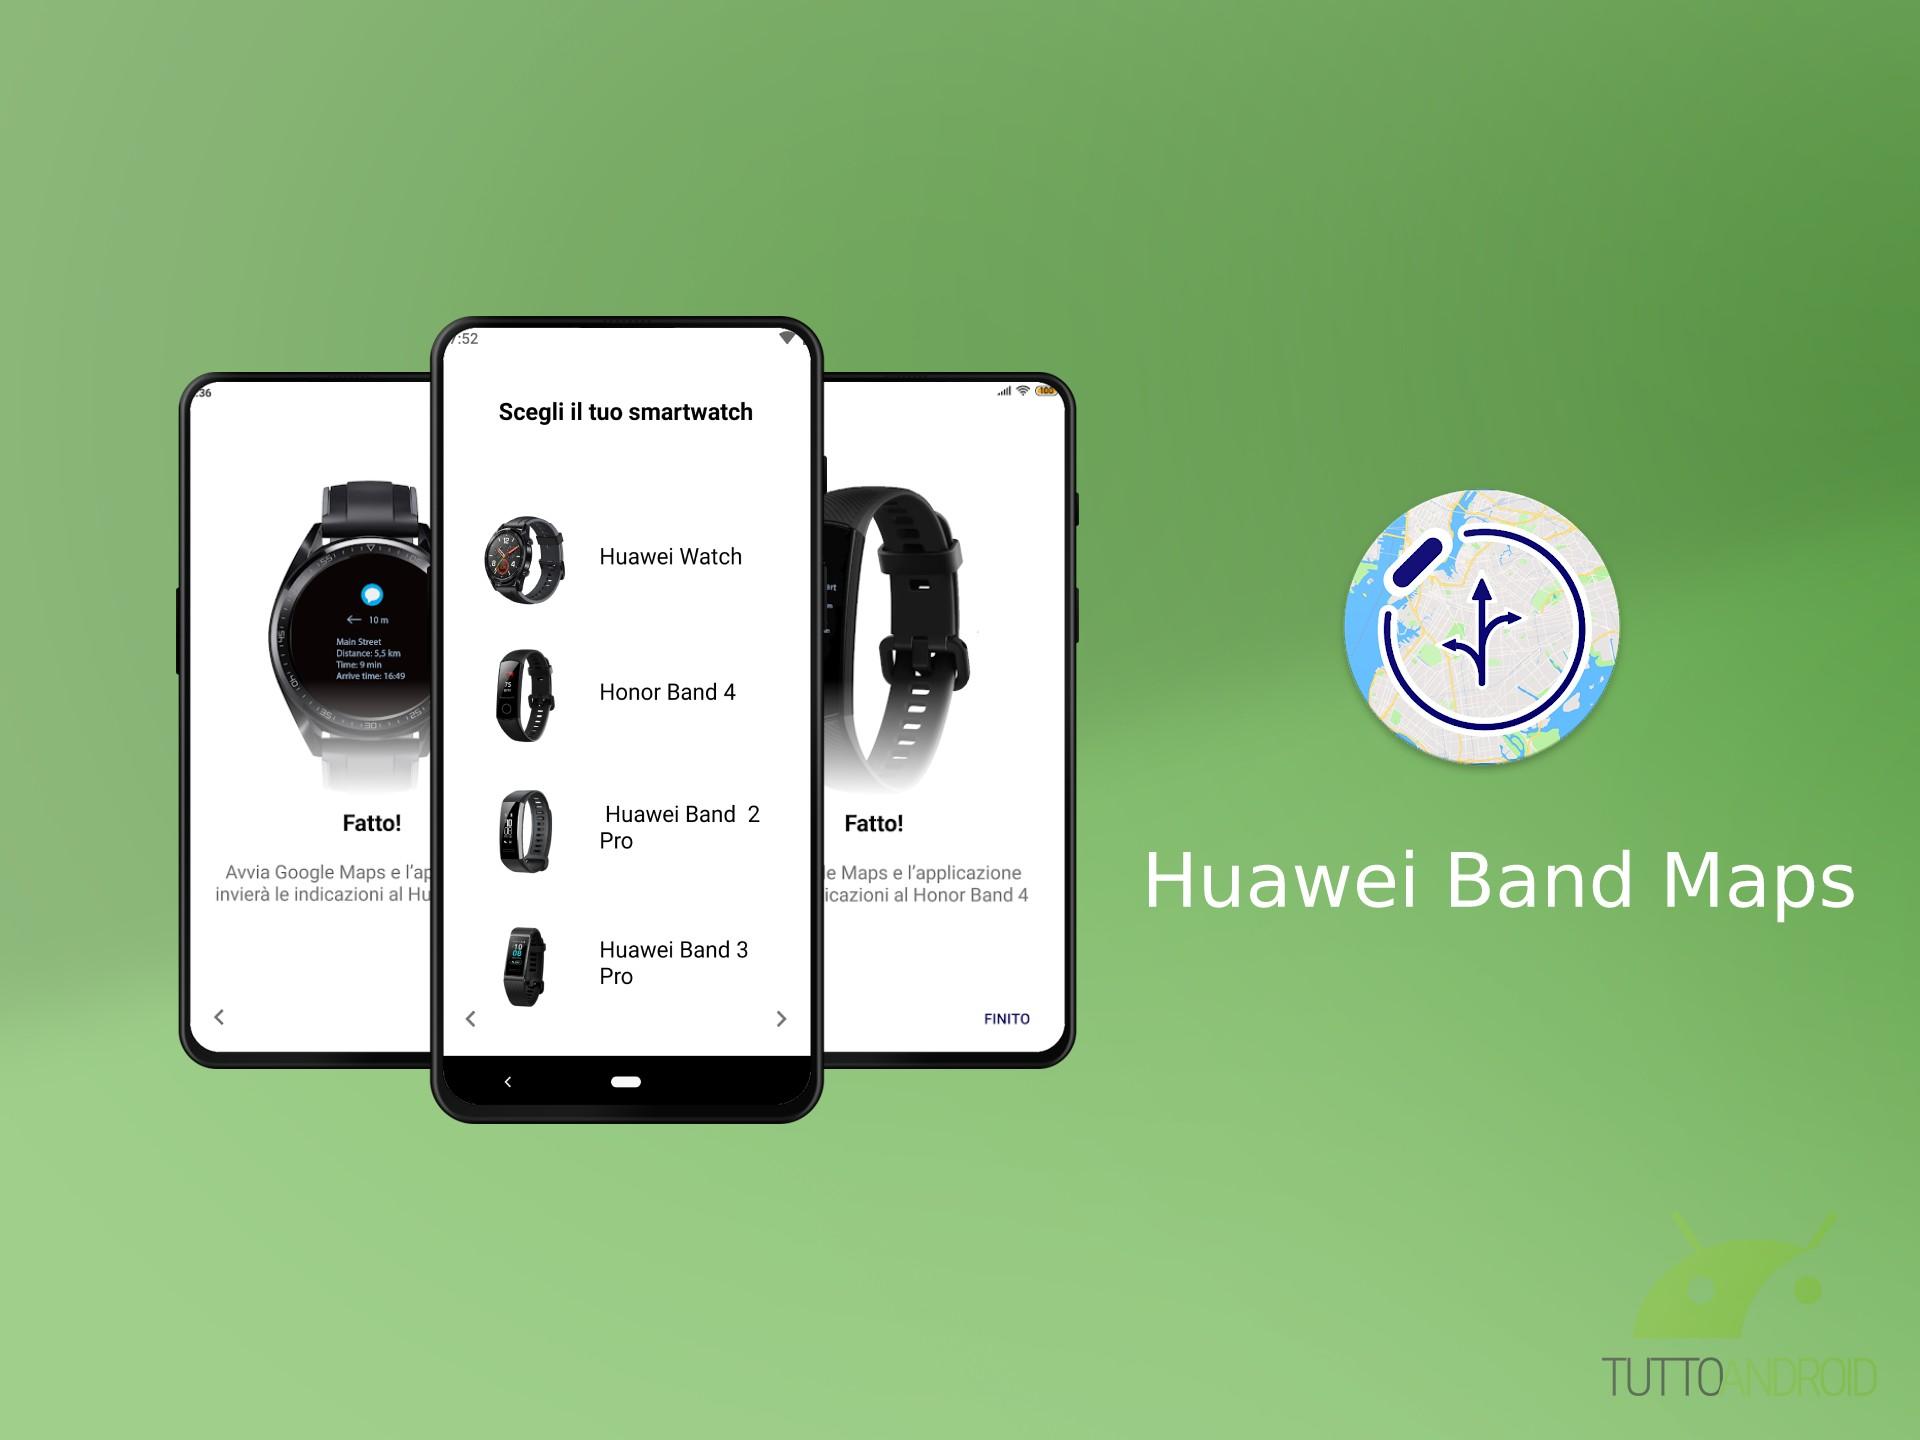 Huawei Band Maps riceve un aggiornamento: ora supporta uffic